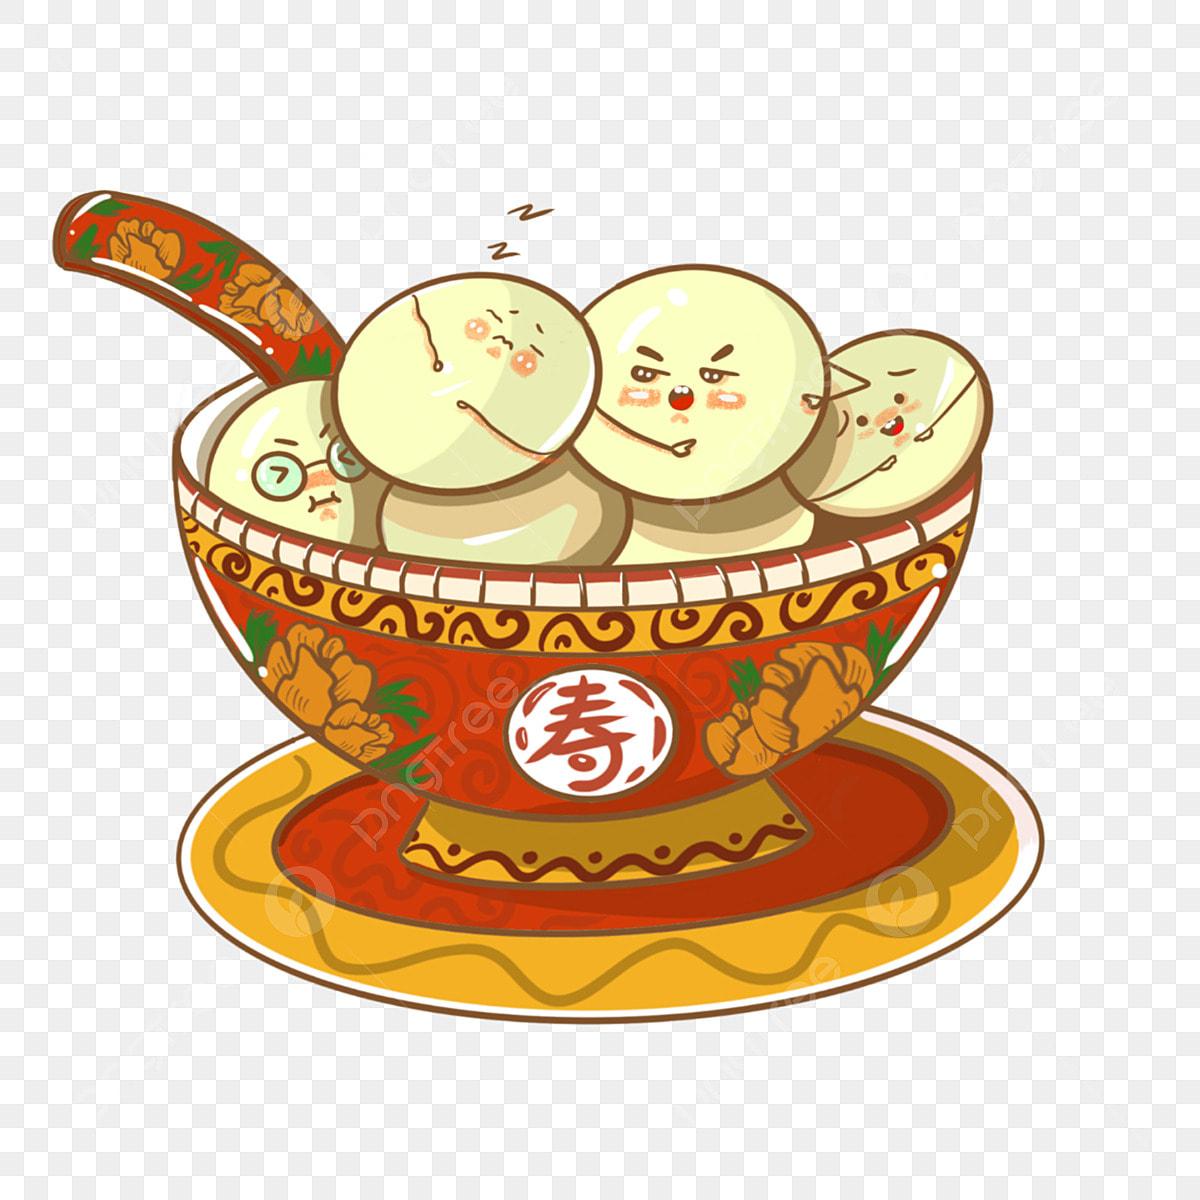 Gambar China Makanan Makanan Tangan Kartun Tangan Gambar Png Dan Psd Untuk Muat Turun Percuma